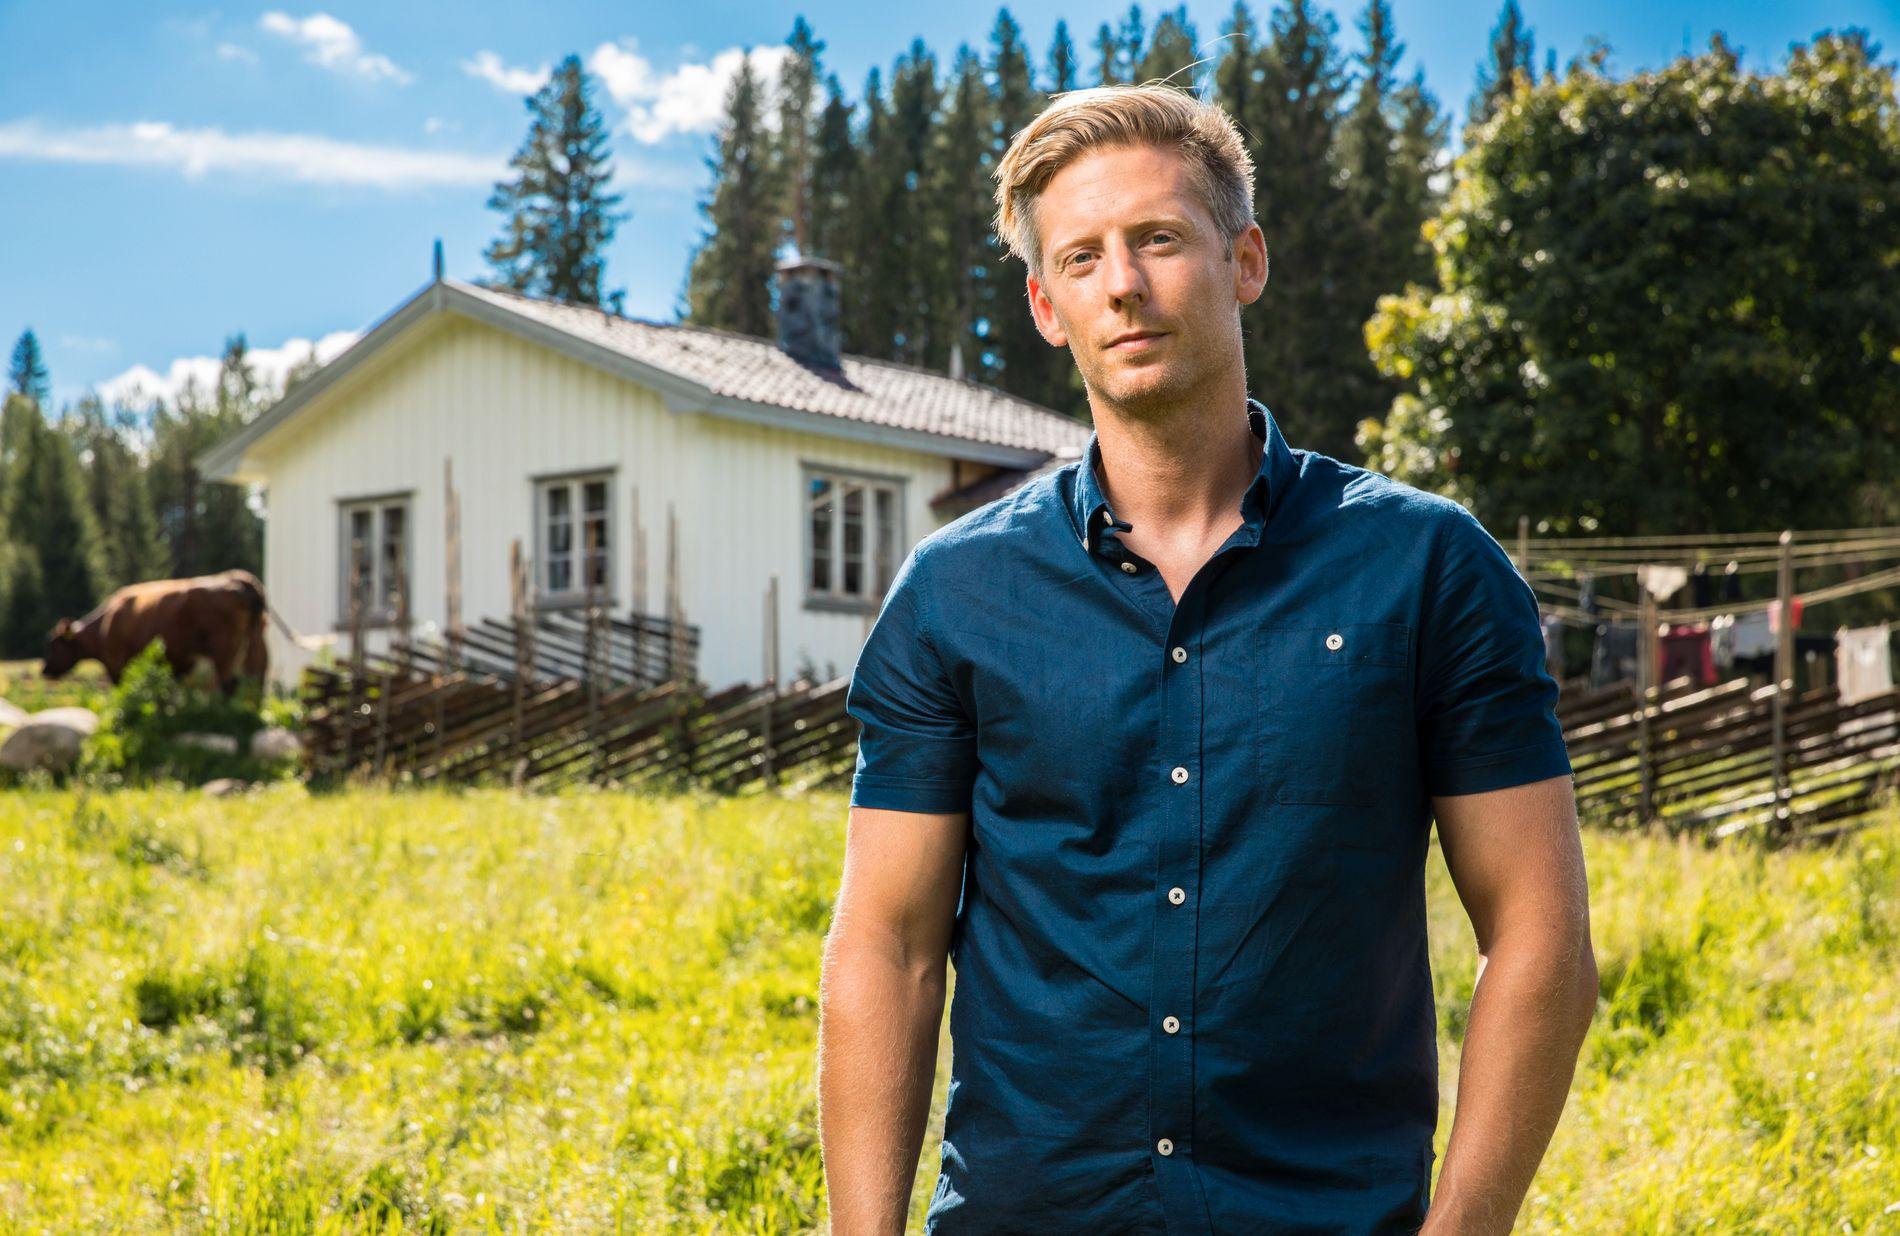 LEDER FINALEN: Gaute Grøtta Grav har i en årrekke vært programleder for «Farmen» på TV 2. Sjelden har han opplevd finaledrama som dette.